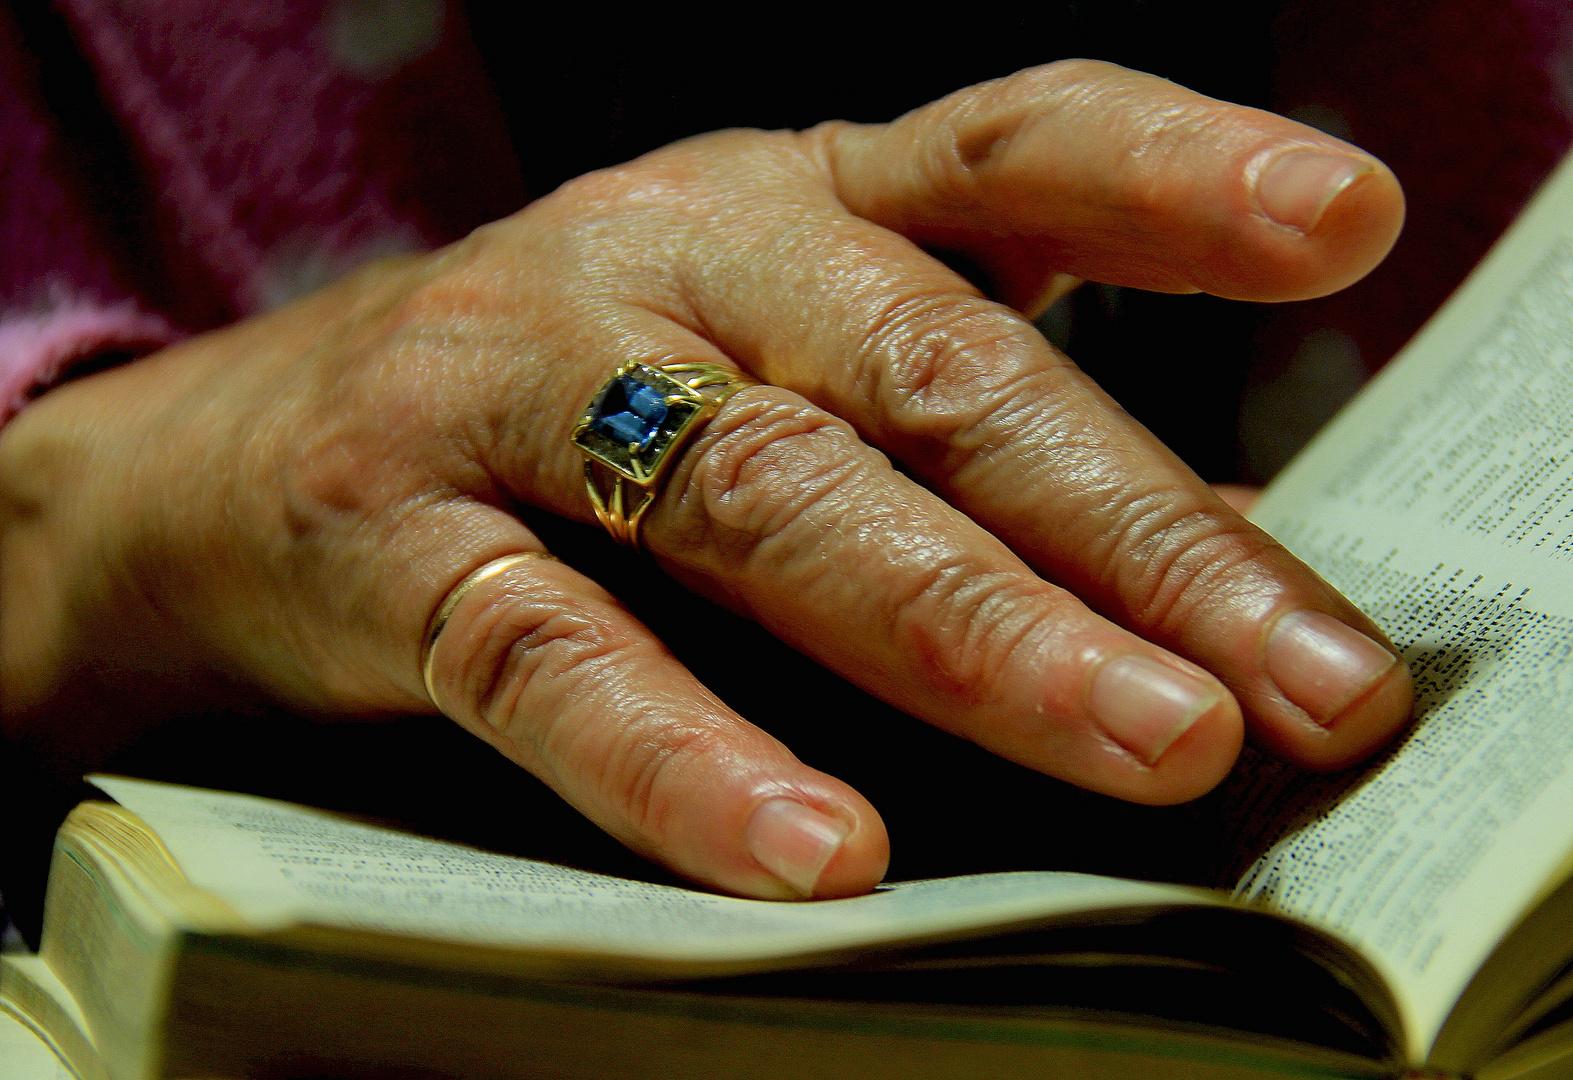 La mano que acaricia un libro